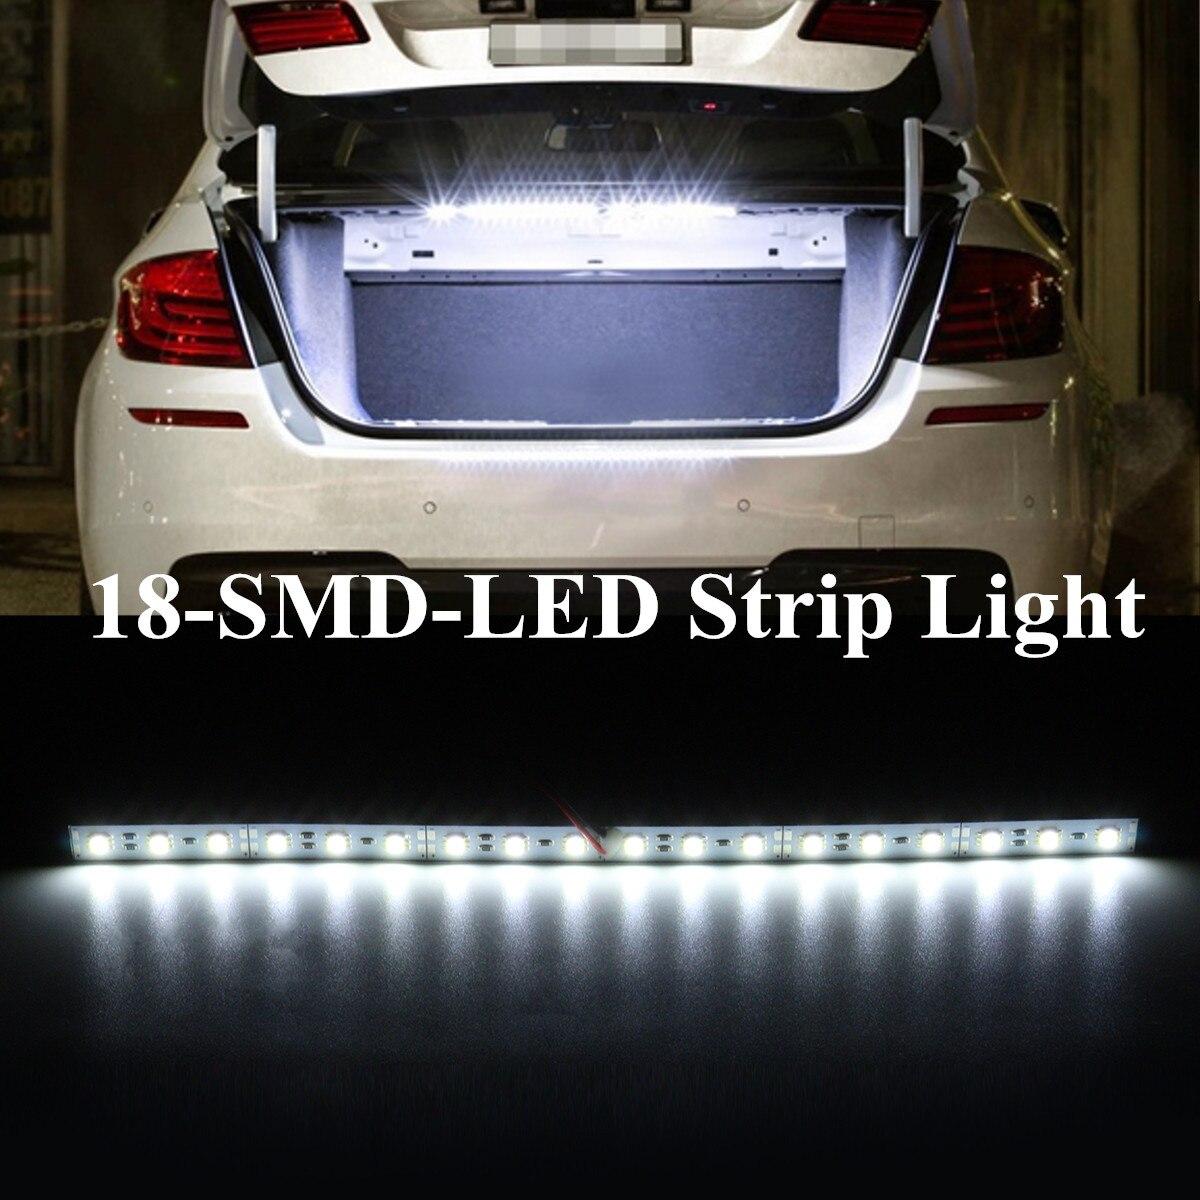 BEESCLOVER DC 12 V 36 LED Luz de Techo Interior de veh/ículo para Coche cami/ón Auto Van